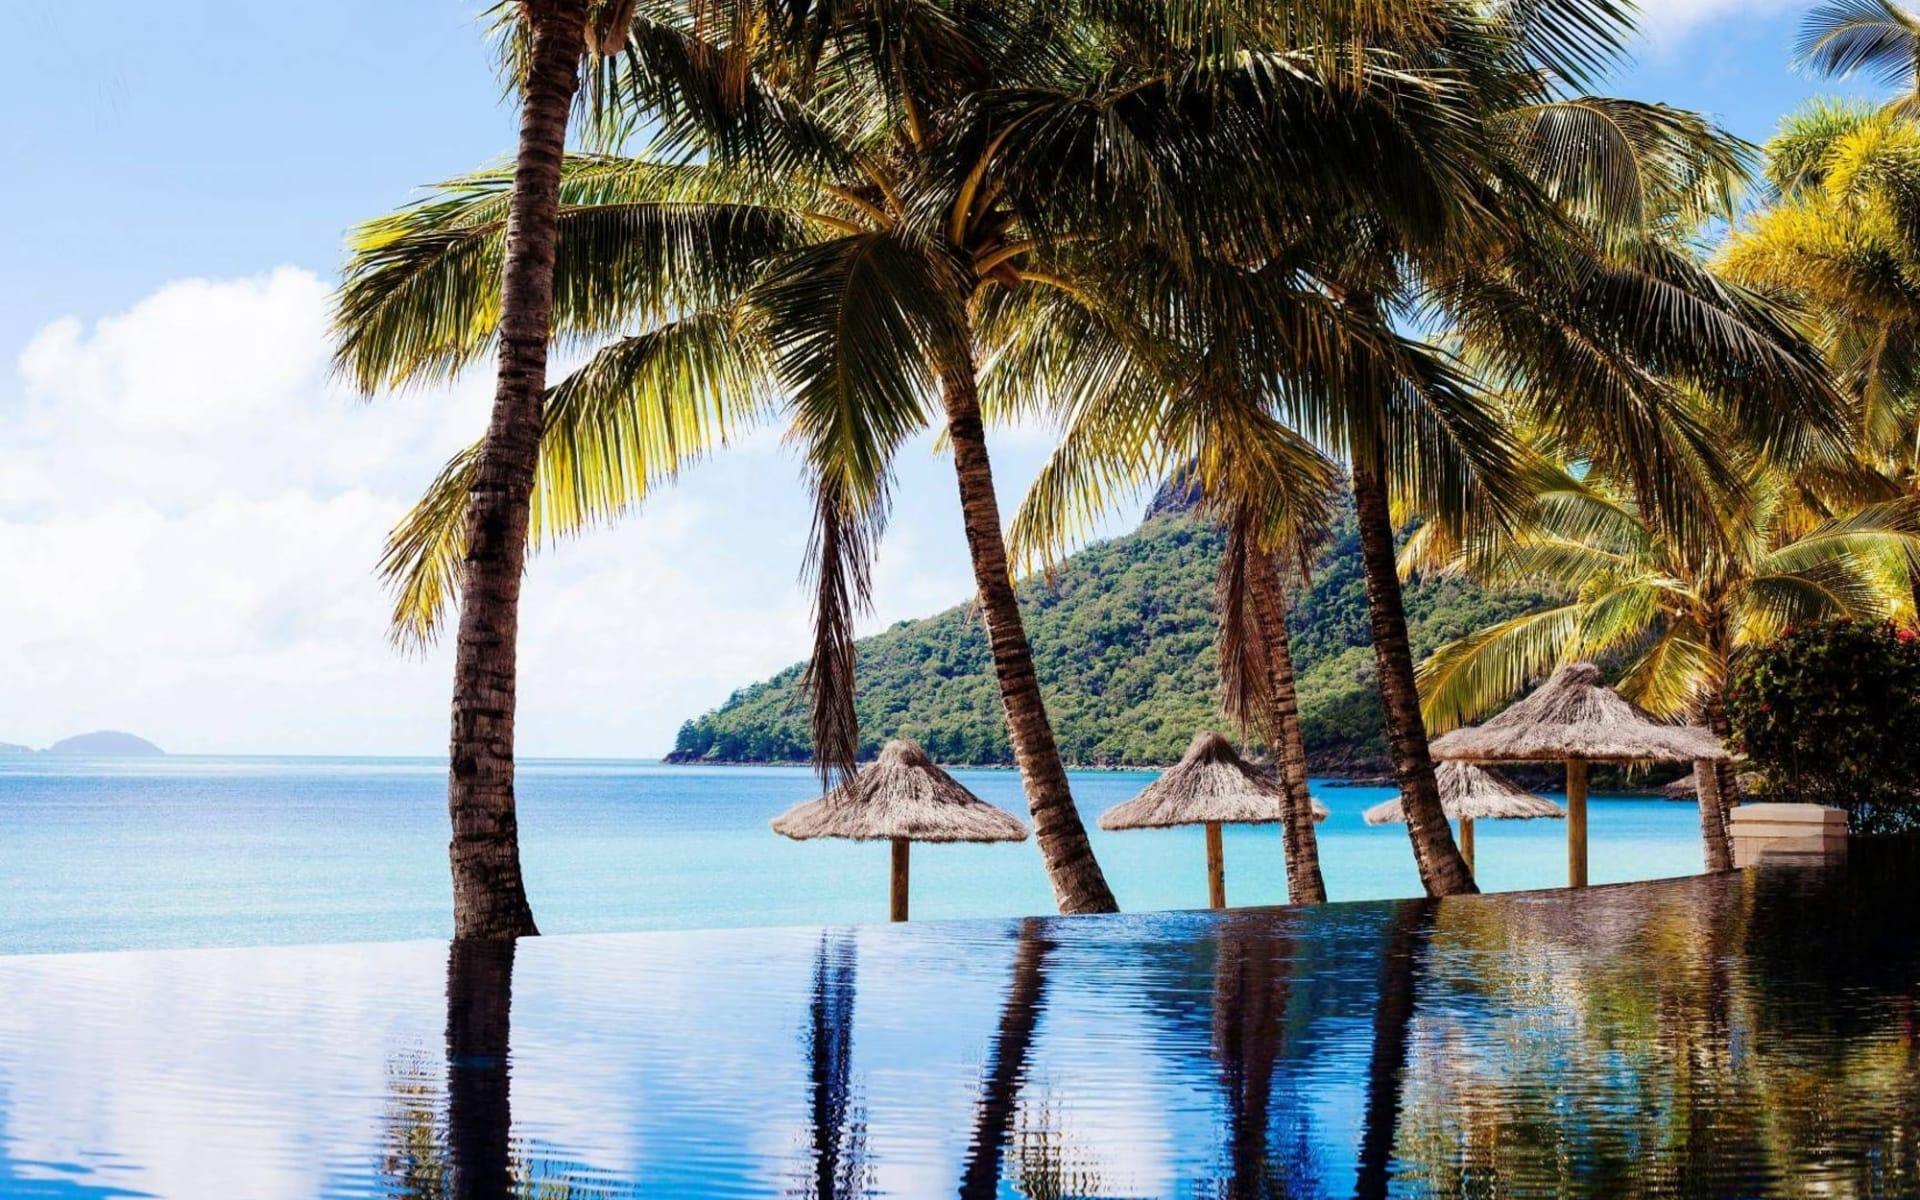 Beach Club in Hamilton Island: Beach-Club-K-Rosenlund-Beach-Club-pool-landscape-HR-retouch,huge.1546817836